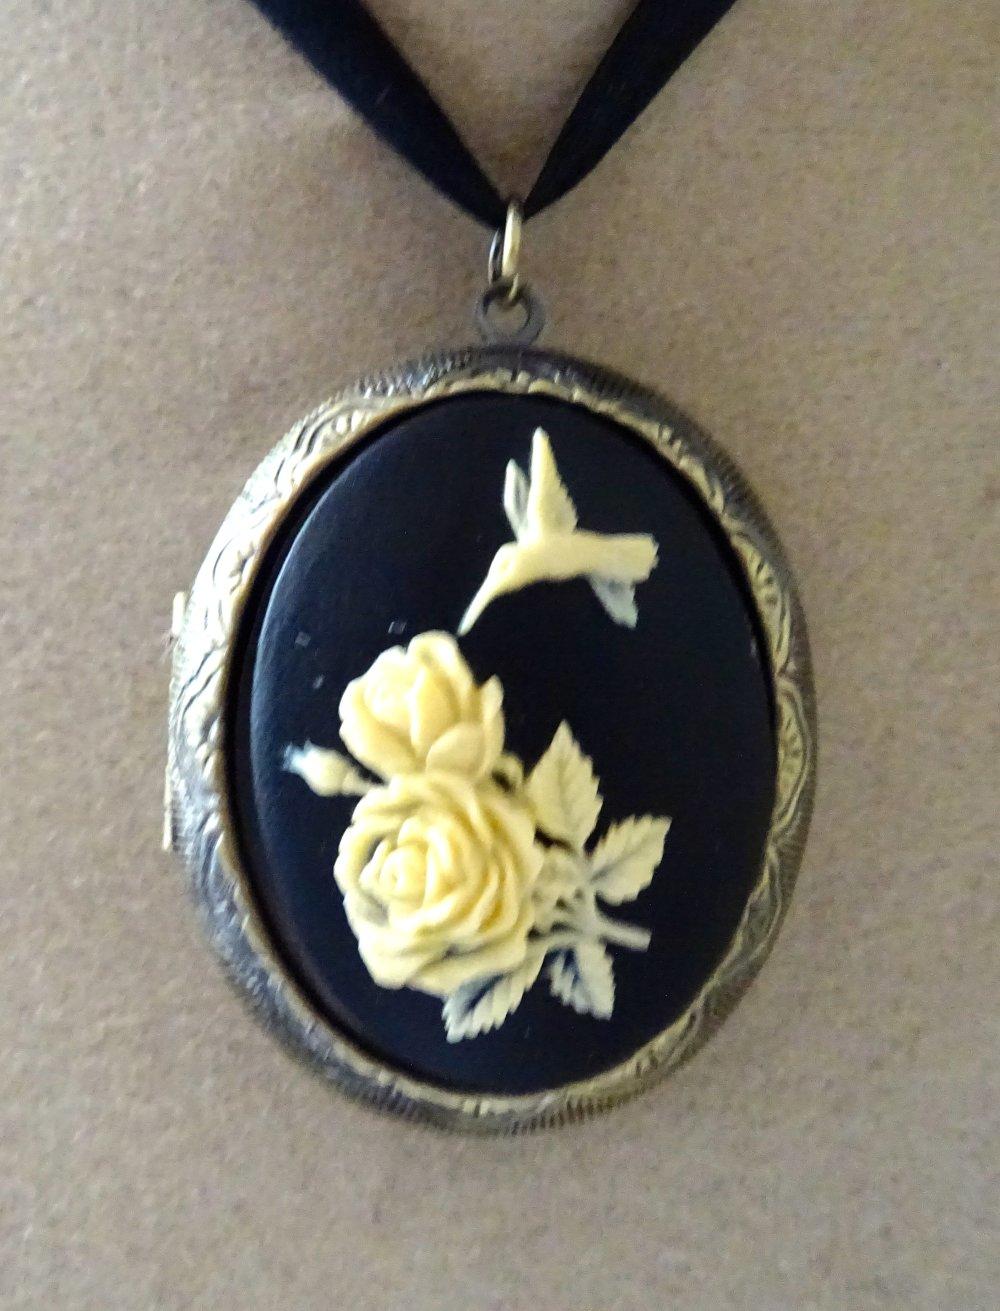 medaillon porte photo l oiseau et fleurs